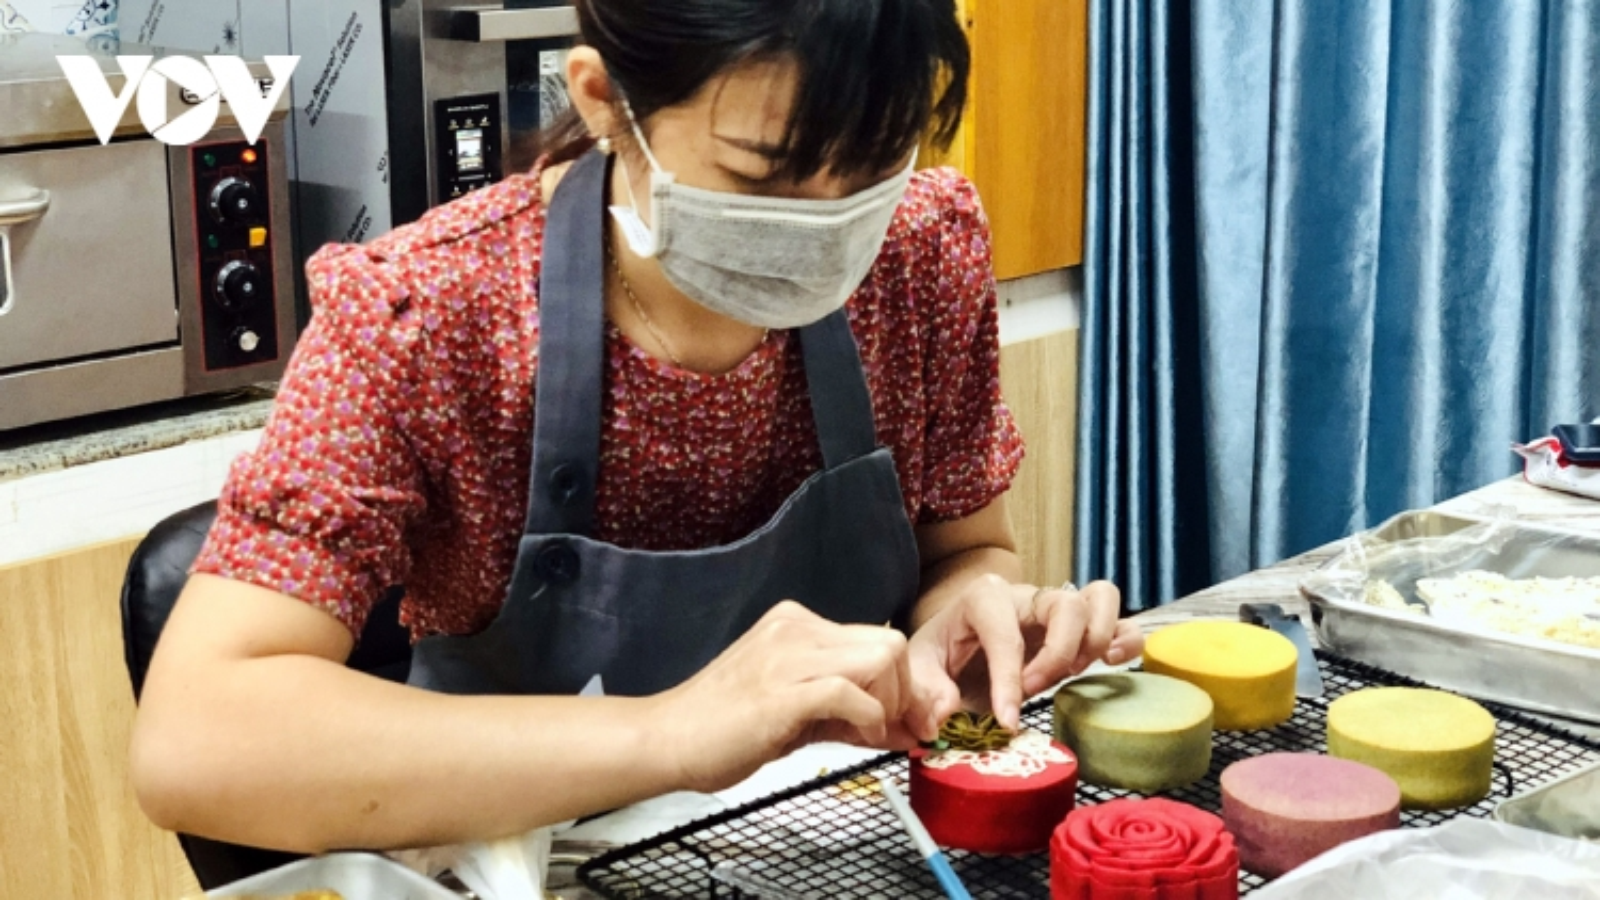 Mùa bánh Trung thu ế ẩm, song thợ làm bánh handmade vẫn kiếm bộn tiền